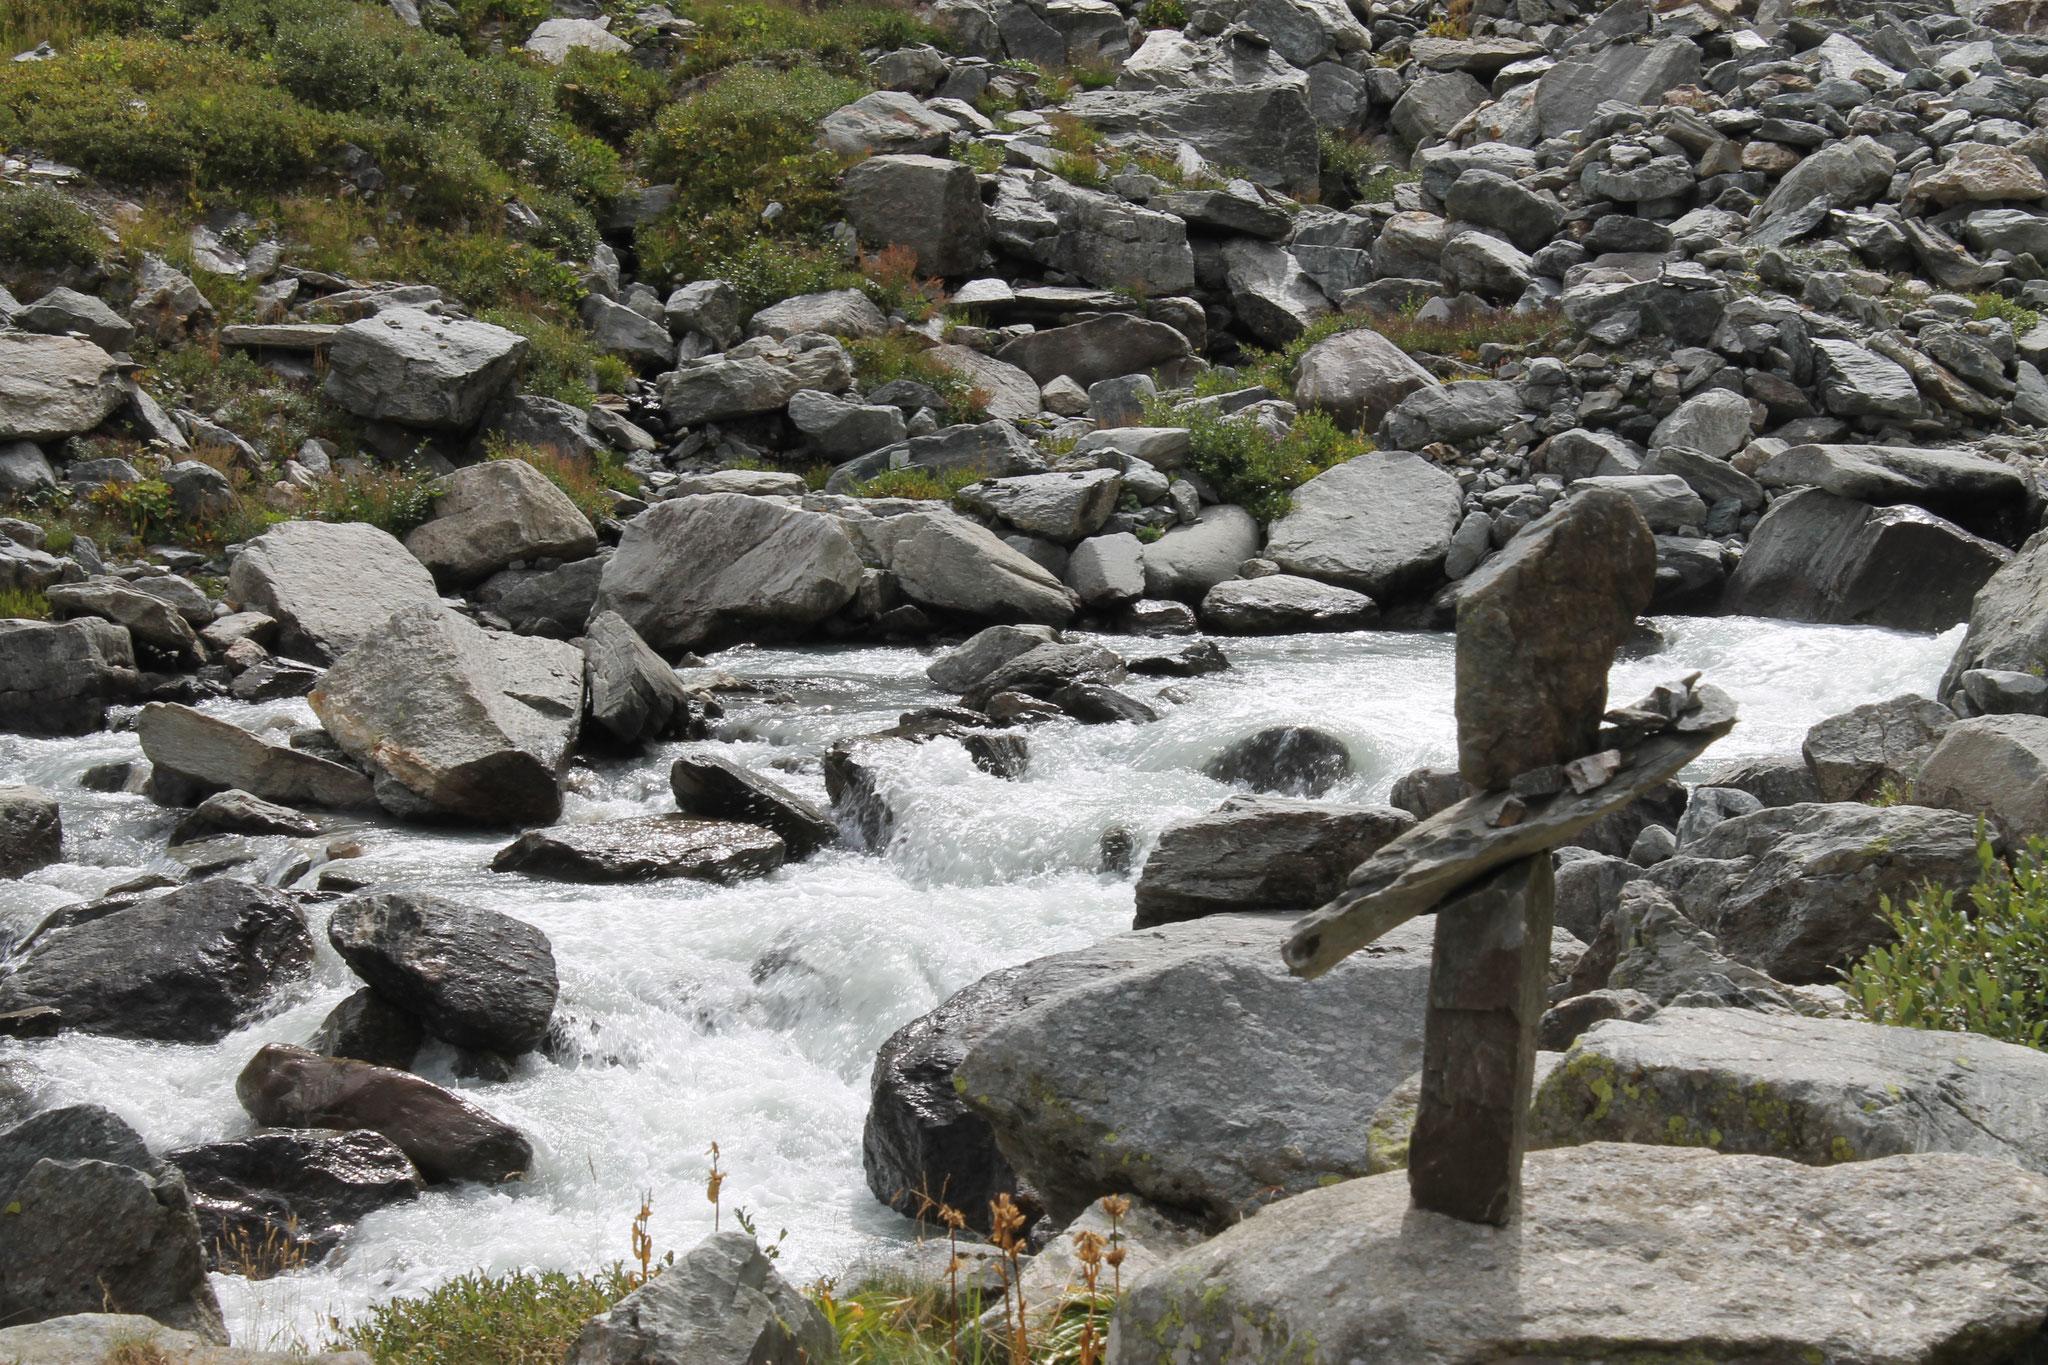 2. Ruisseau de la Reculaz